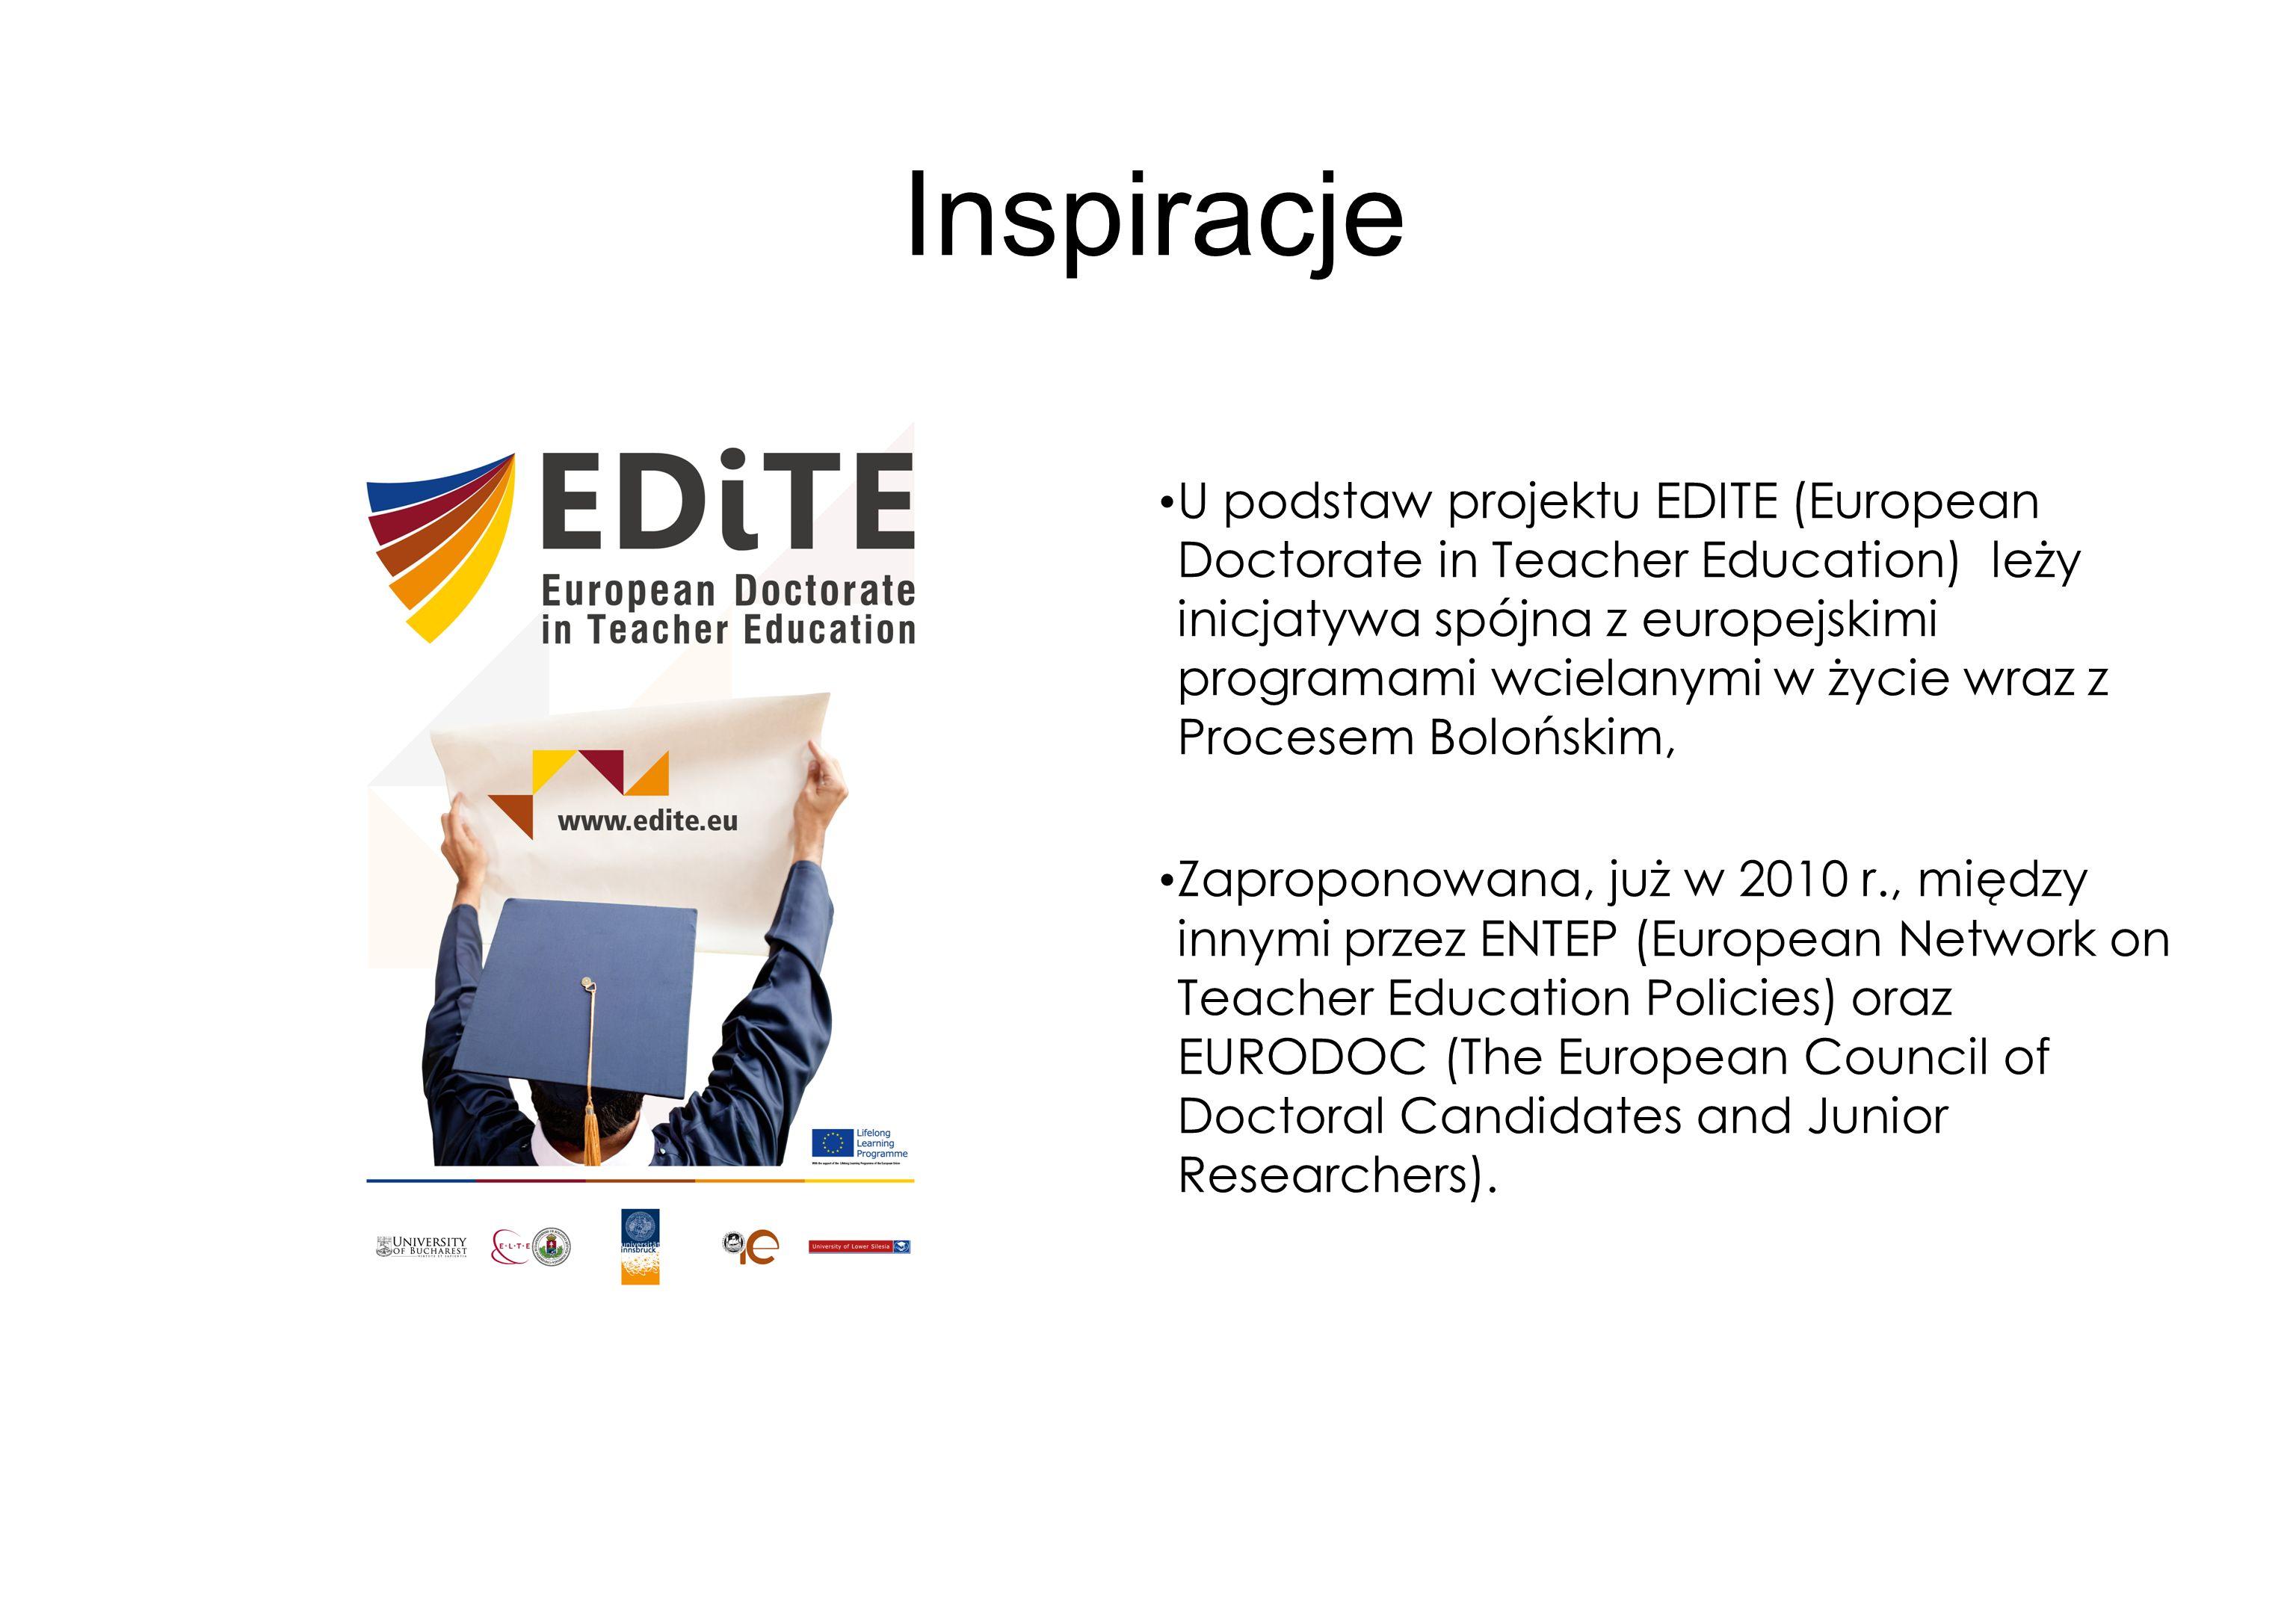 Inspiracje U podstaw projektu EDITE (European Doctorate in Teacher Education) leży inicjatywa spójna z europejskimi programami wcielanymi w życie wraz z Procesem Bolońskim, Zaproponowana, już w 2010 r., między innymi przez ENTEP (European Network on Teacher Education Policies) oraz EURODOC (The European Council of Doctoral Candidates and Junior Researchers).